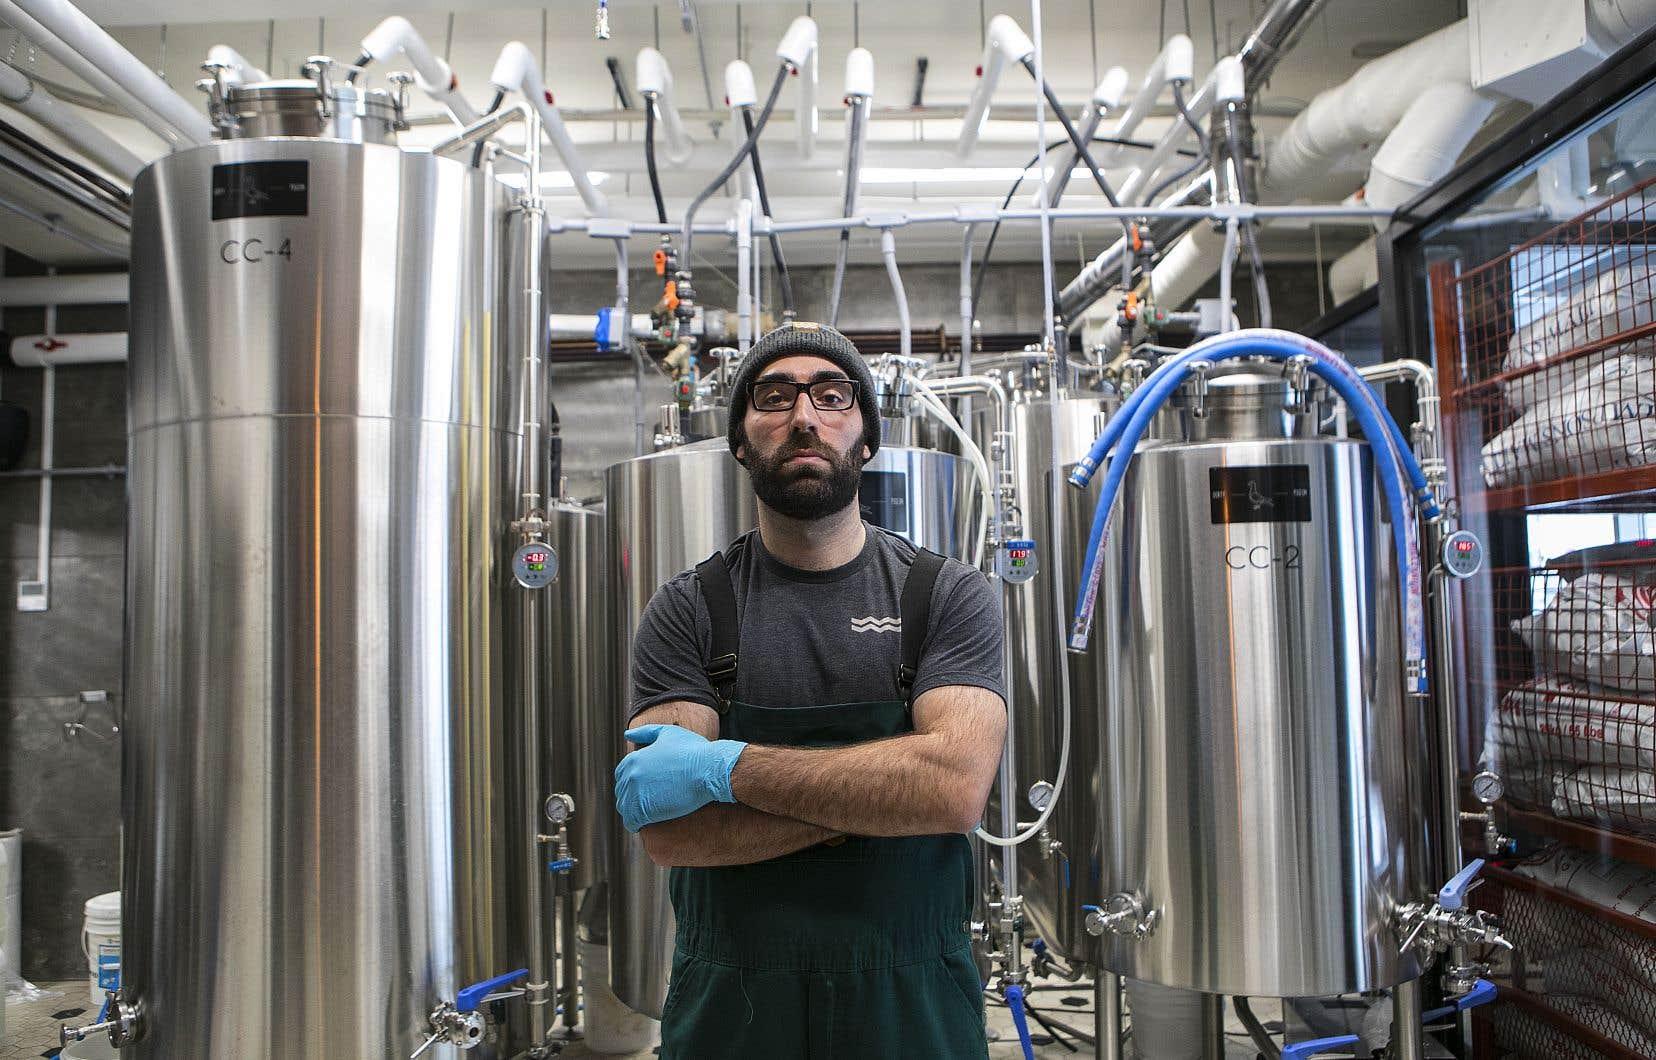 De l'avis d'Olivier Dupras, brasseur en chef du pub Isle de Garde à Montréal, la lager sera la prochaine grande tendance dans le monde brassicole, entrant ainsi en totale rupture avec les saveurs parfois excessives des bières à la mode.